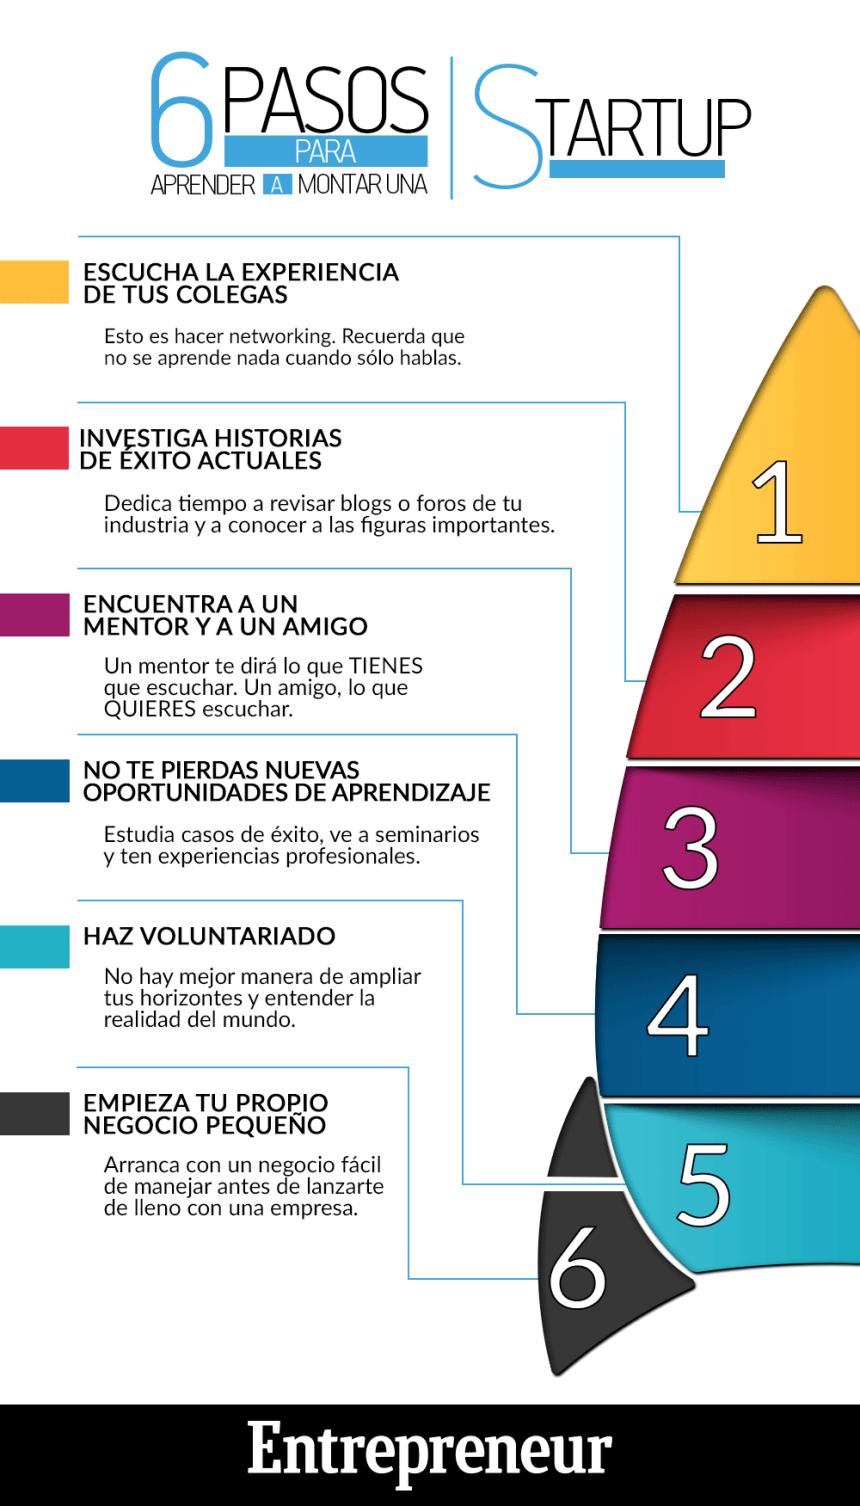 6 pasos para aprender a montar una StartUp